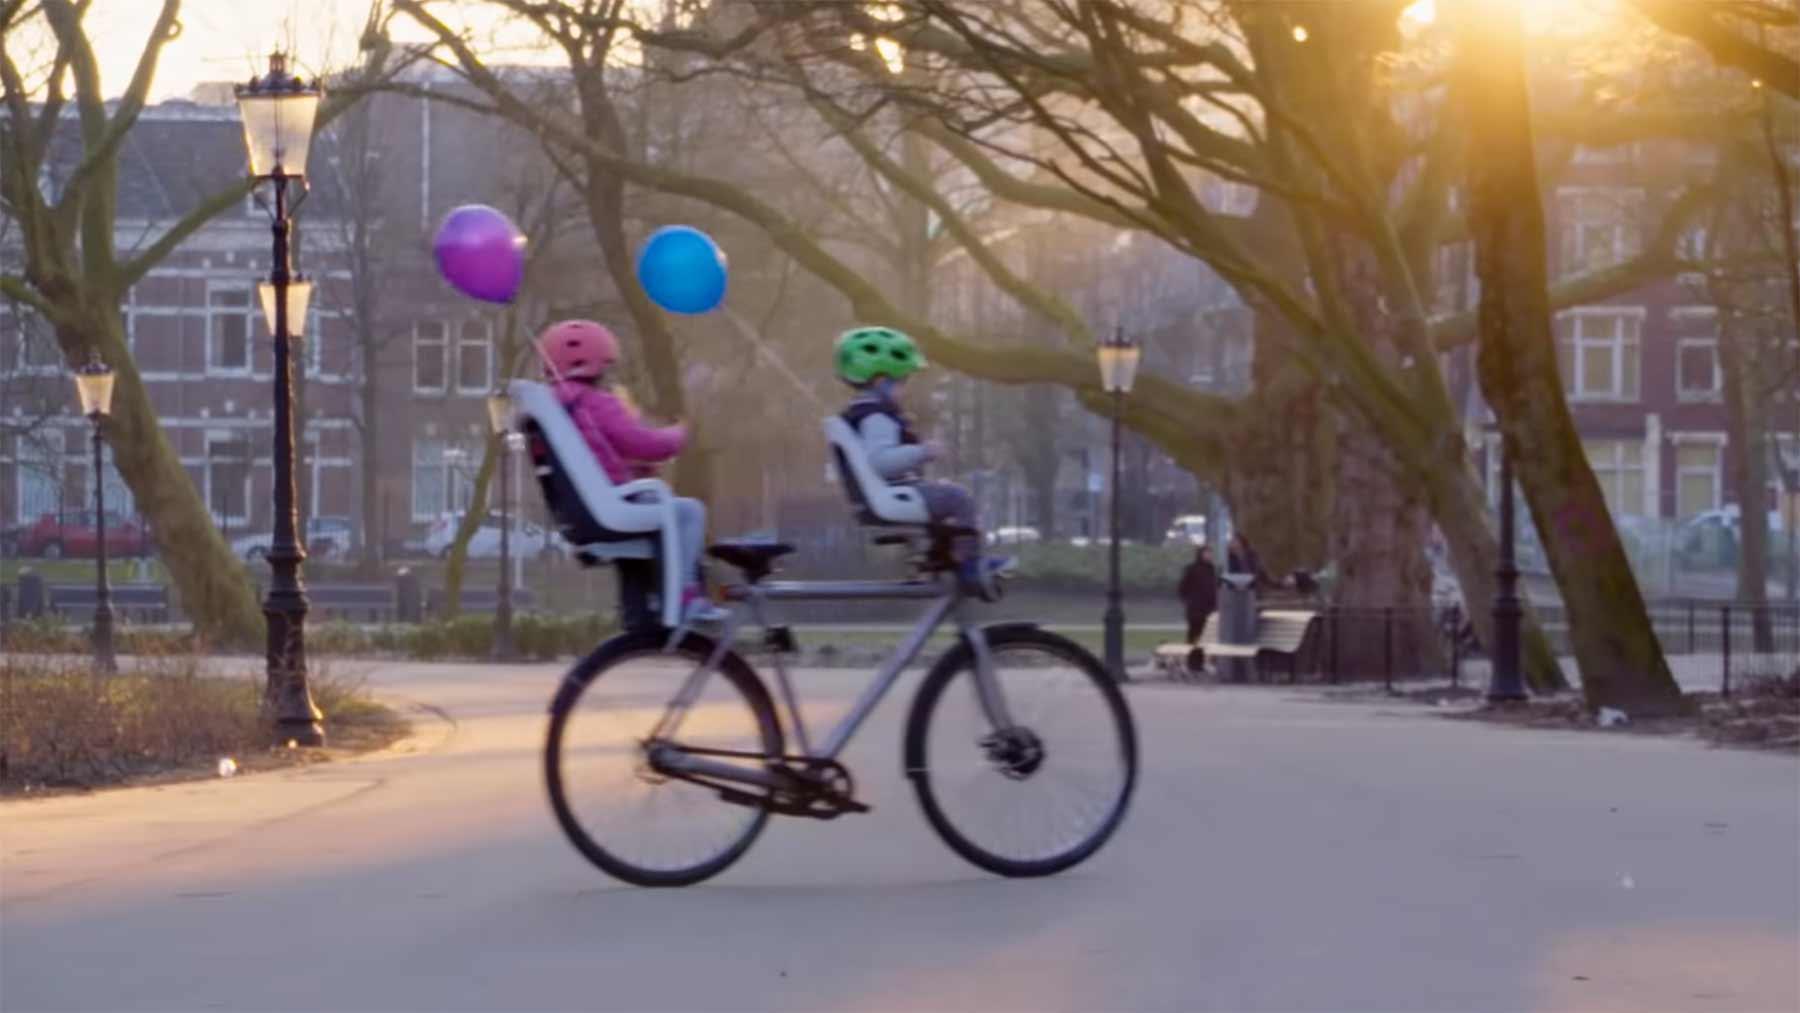 Selbstfahrendes Fahrrad von Google entwickelt selbstfahrendes-fahrrad